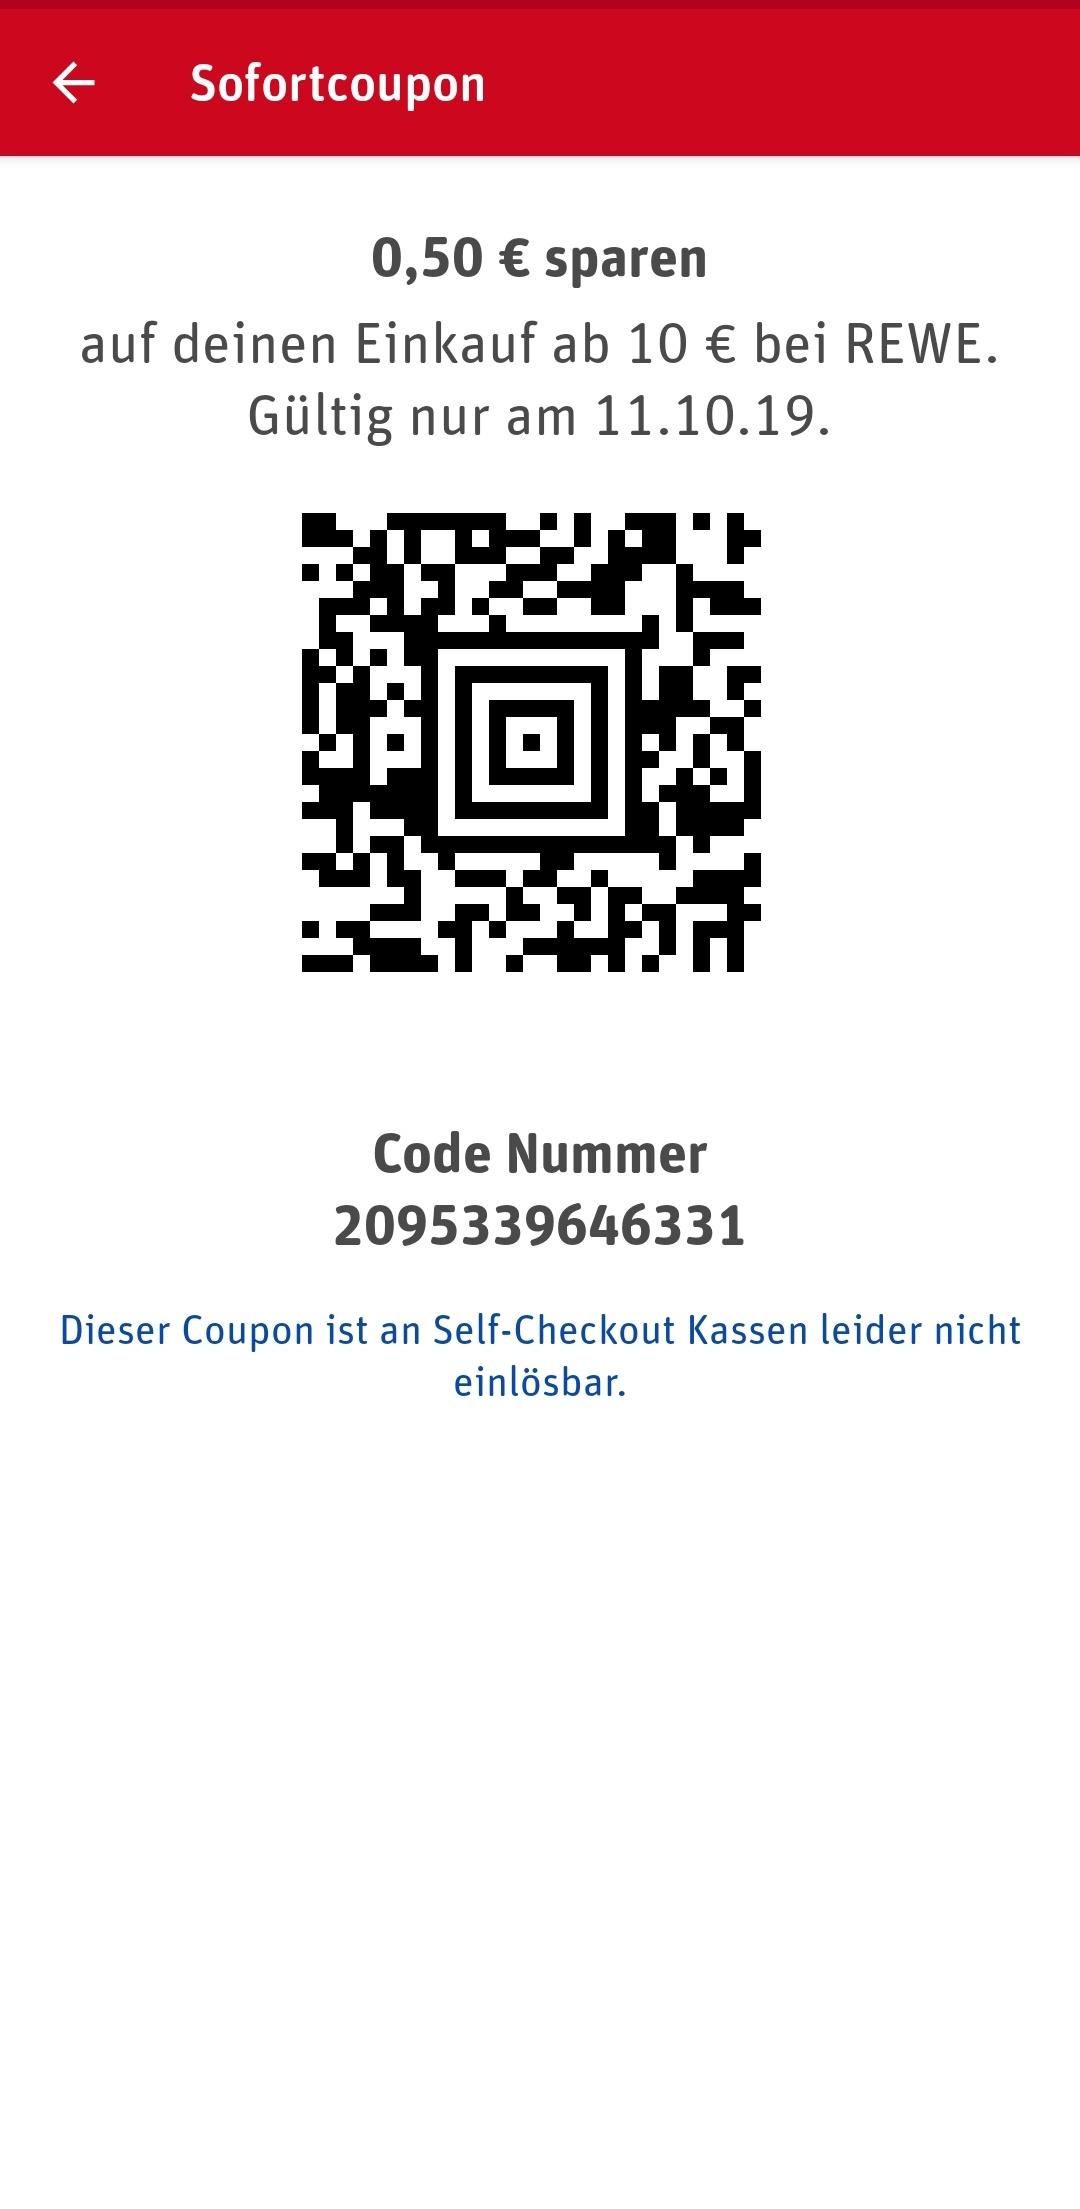 23005487-QfSau.jpg